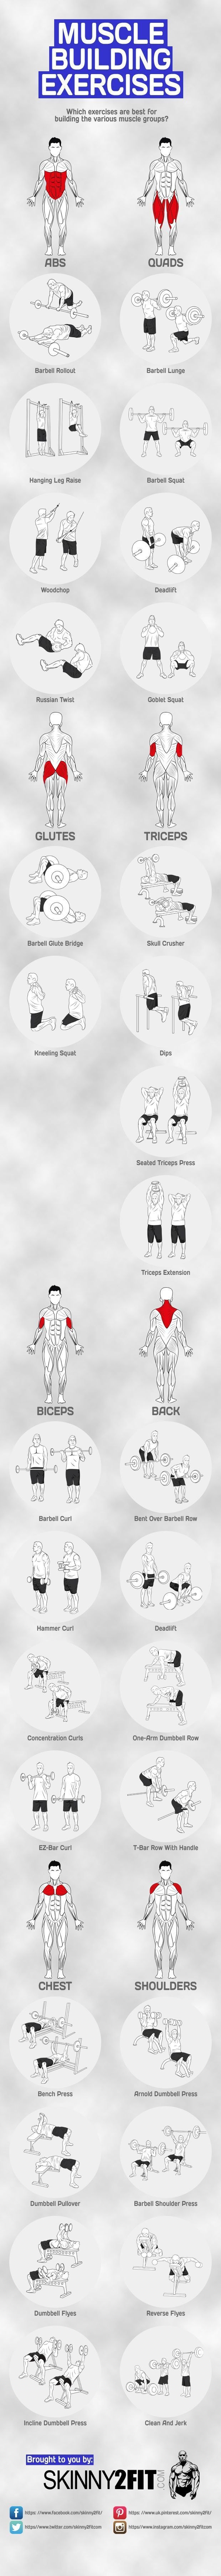 Muscle Building Exercises | Übungen, Muskelaufbau und Muskel